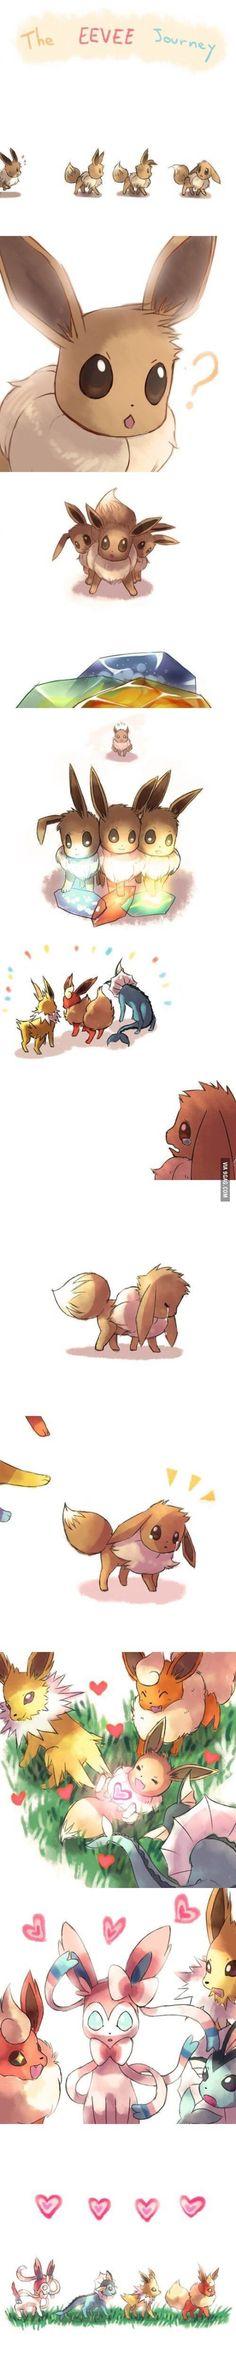 Pokemon awe 1